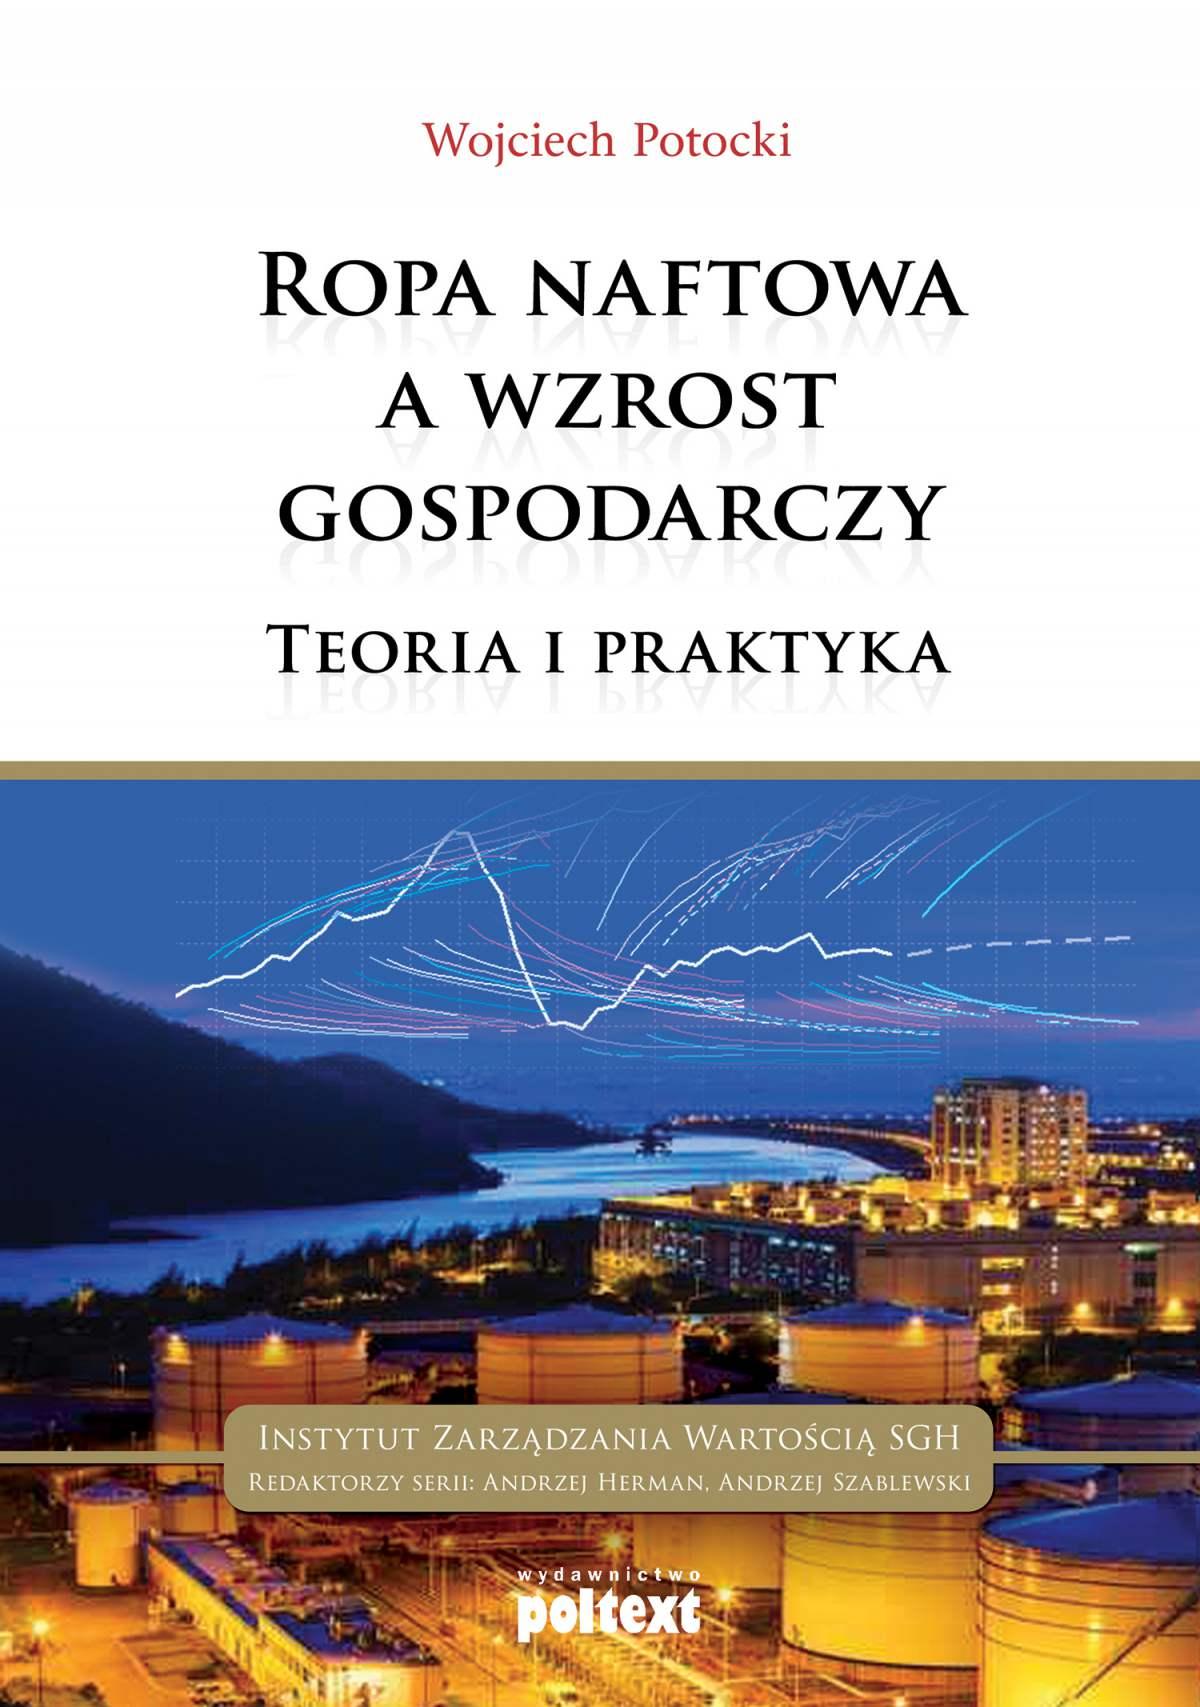 Ropa naftowa a wzrost gospodarczy - Ebook (Książka na Kindle) do pobrania w formacie MOBI